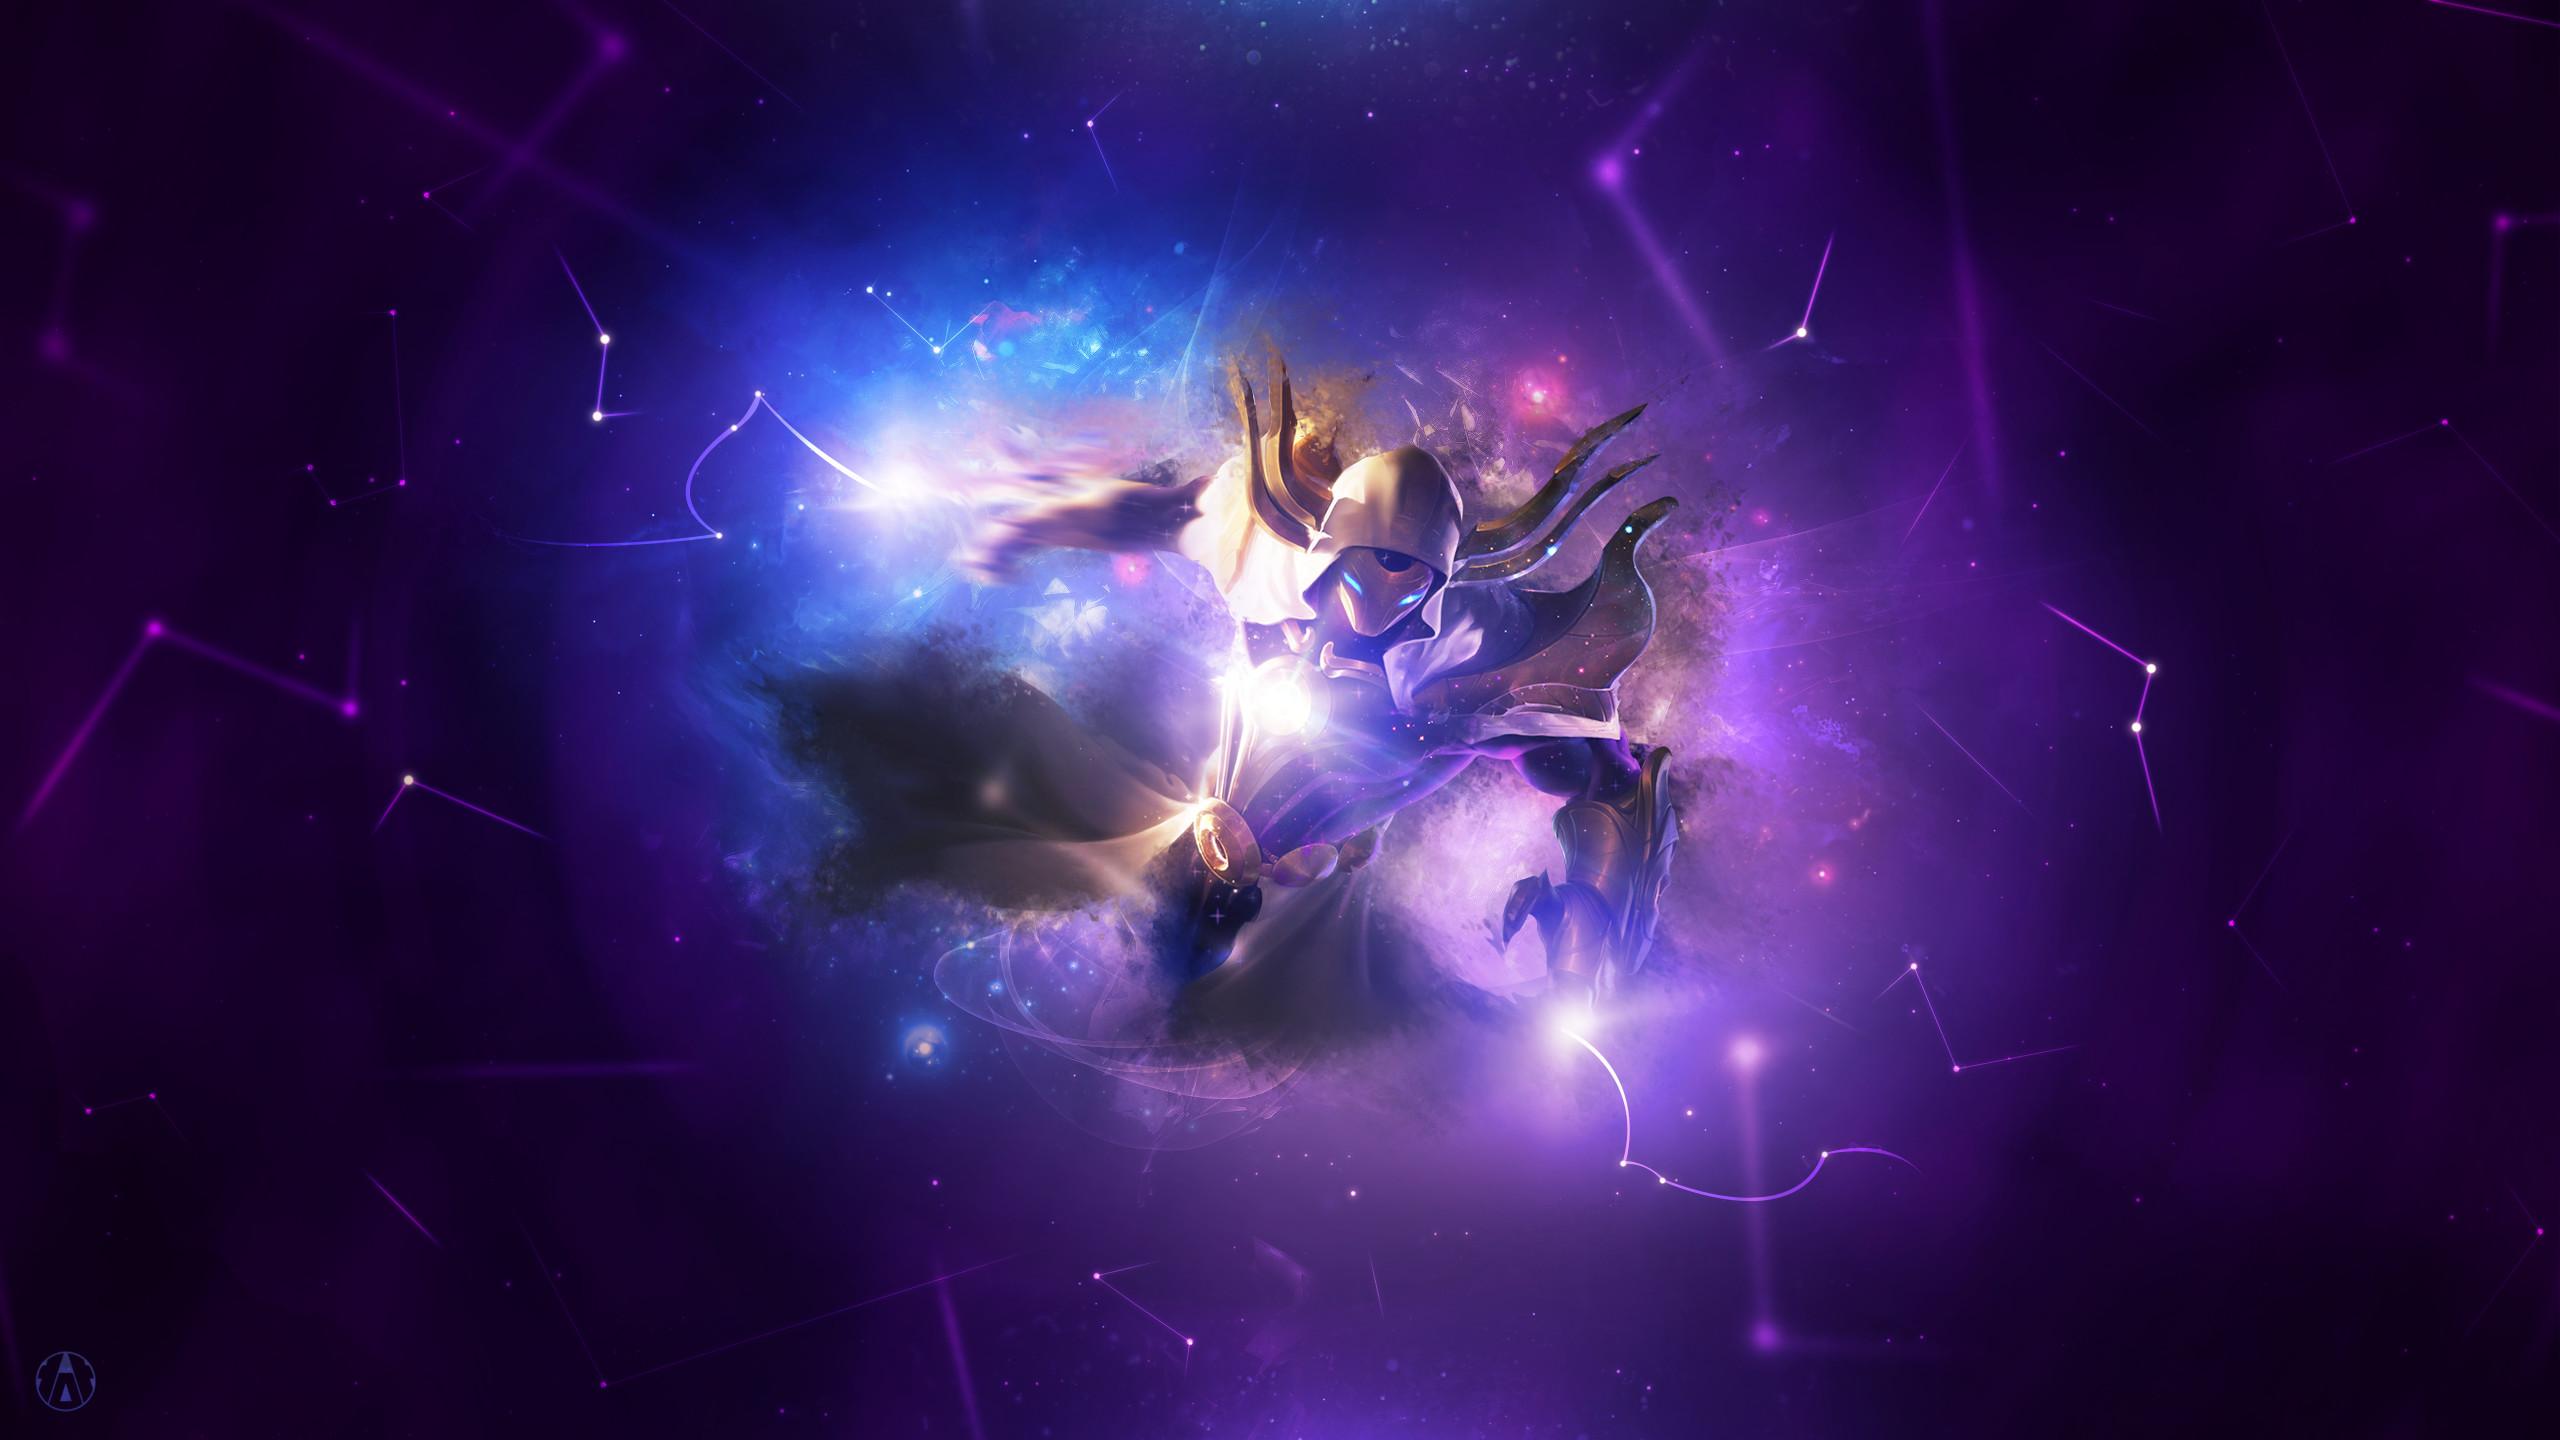 Aynoe 6 2 Cosmic R. Kassadin ~ League of legends – Wallpaper by Aynoe